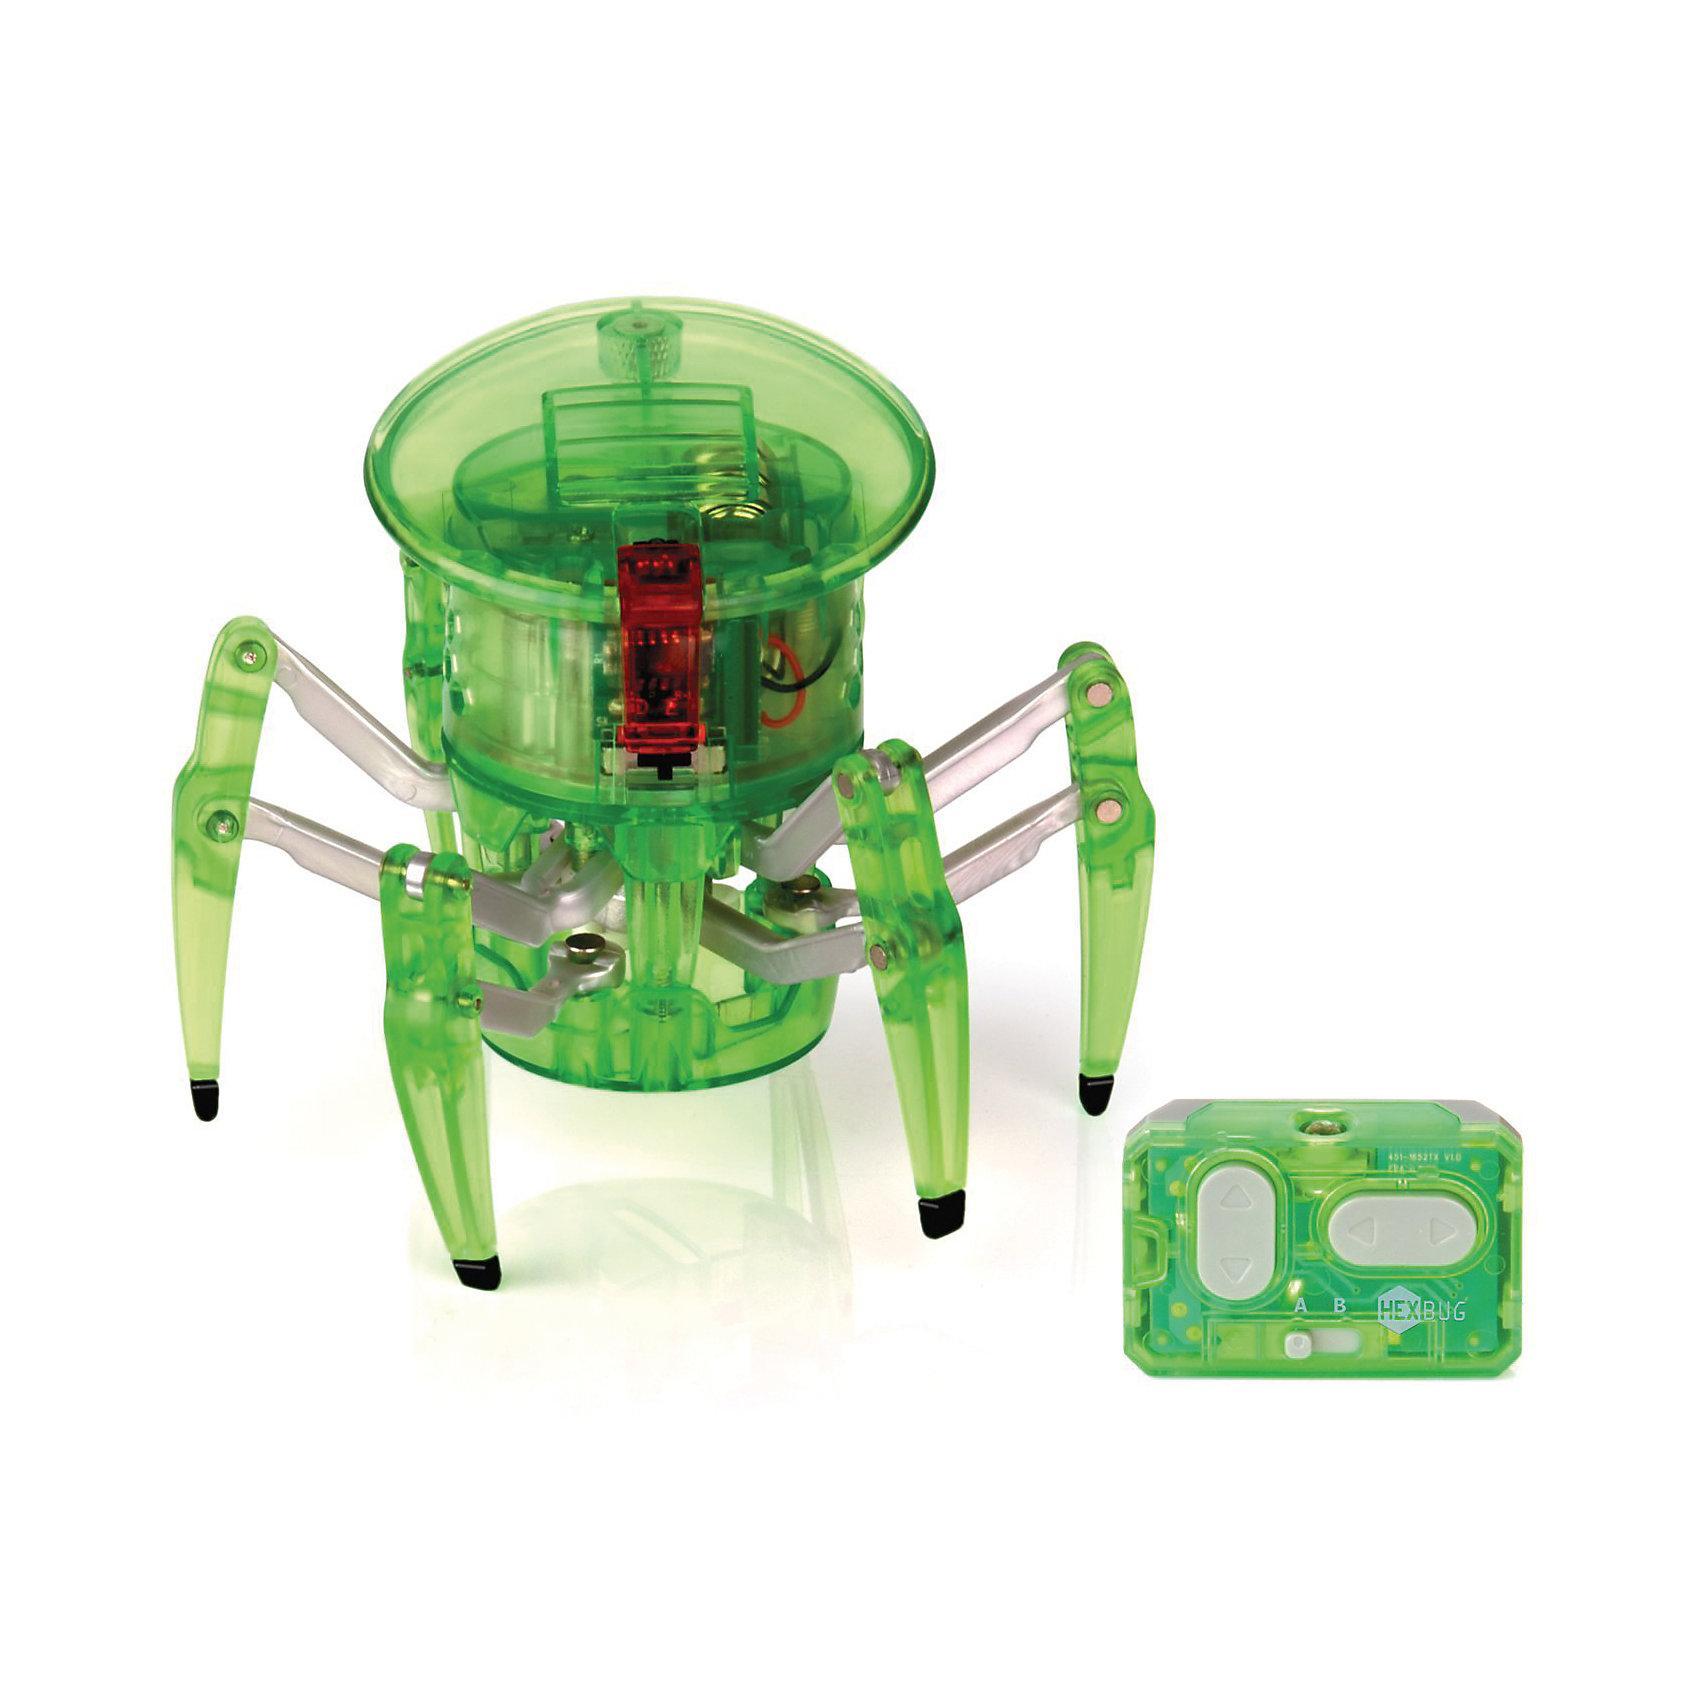 Микро-робот на управлении Спайдер, зеленый, HexbugИнтерактивные игрушки для малышей<br>Микро-робот на управлении Спайдер, зеленый, Hexbug (Хексбаг)<br><br>Характеристики:<br><br>• передвигается в любых направлениях<br>• светящийся глаз<br>• двухканальное управление<br>• для работы необходимы батарейки AG13 - 5 шт.<br>• размер: 7,7х9,1 см<br>• вес: 43 грамма<br>• цвет: зеленый<br><br>Микро-робот Спайдер - очень быстрый паучок, которым вы сможете управлять самостоятельно с помощью дистанционного пульта. По команде робот способен передвигаться в любую указанную сторону и вращаться на 360 градусов. Двухканальное управление позволит вам устроить настоящие гонки для двух роботов. Микро-робот Спайдер - интересный и увлекательный подарок для всей семьи!<br><br>Микро-робота на управлении Спайдер, зеленый, Hexbug (Хексбаг) вы можете купить в нашем интернет-магазине.<br><br>Ширина мм: 100<br>Глубина мм: 110<br>Высота мм: 130<br>Вес г: 126<br>Возраст от месяцев: 36<br>Возраст до месяцев: 2147483647<br>Пол: Унисекс<br>Возраст: Детский<br>SKU: 5507219